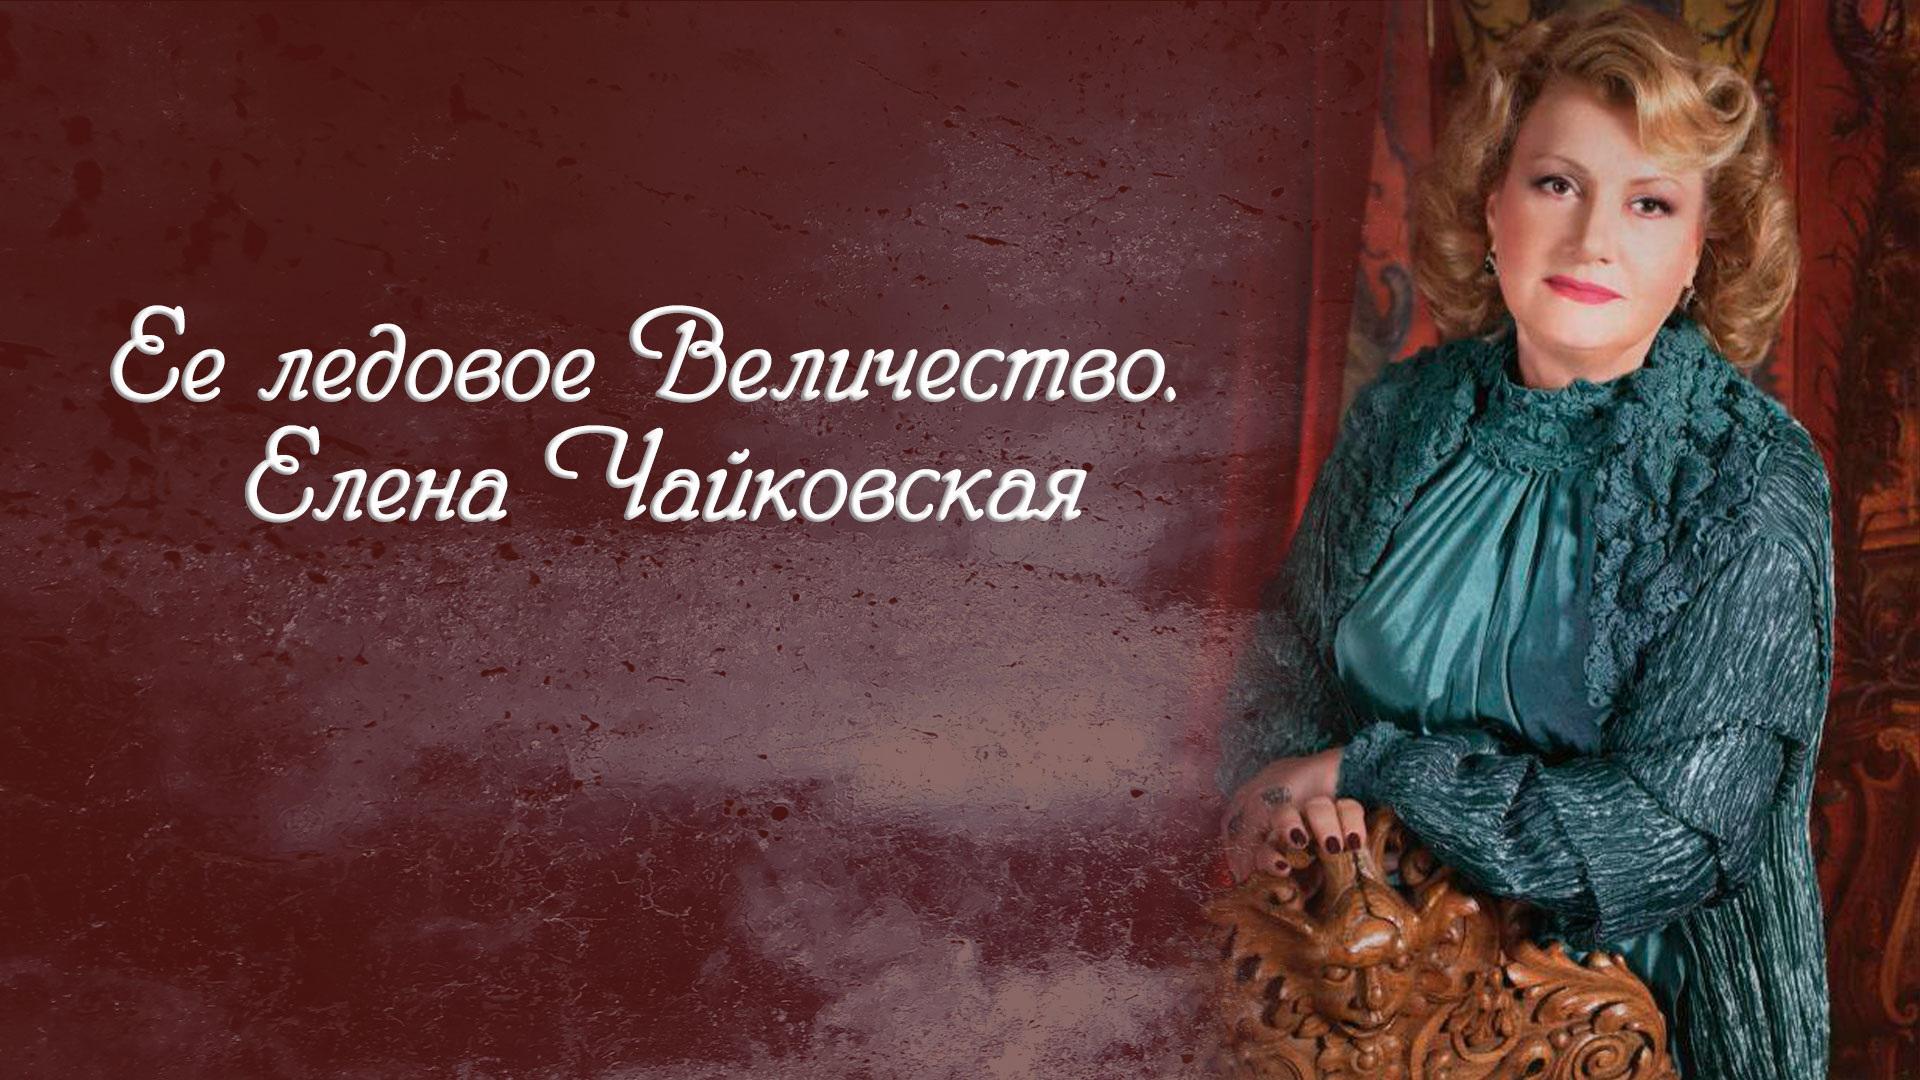 Ее ледовое Величество. Елена Чайковская